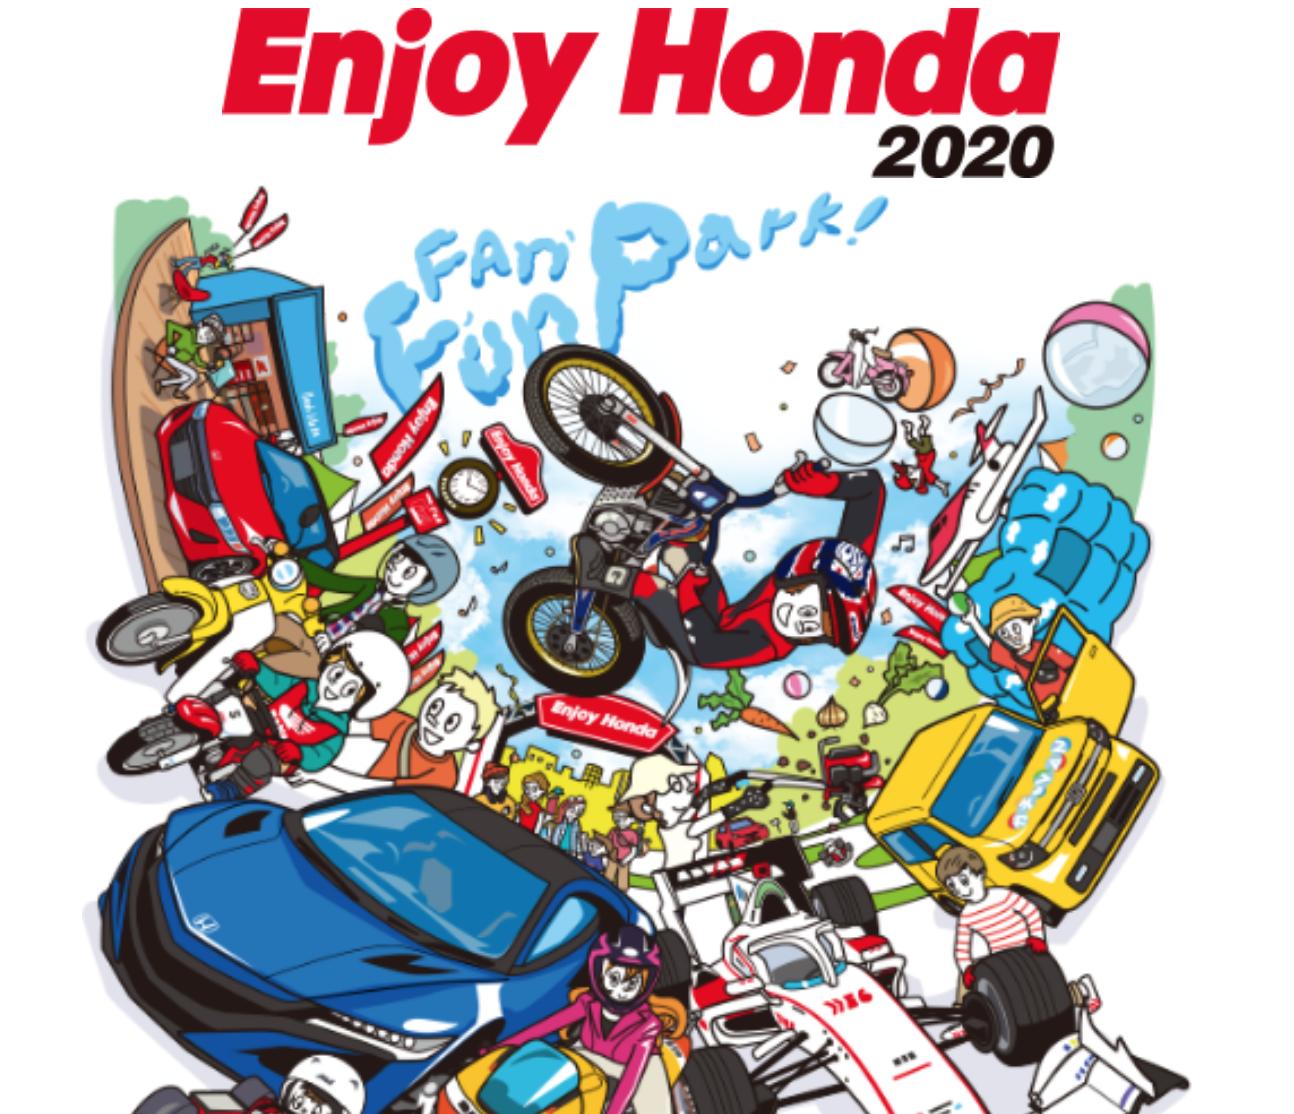 Enjoy Honda 2020 ツインリンクもてぎ(エンジョイ ホンダ2020)